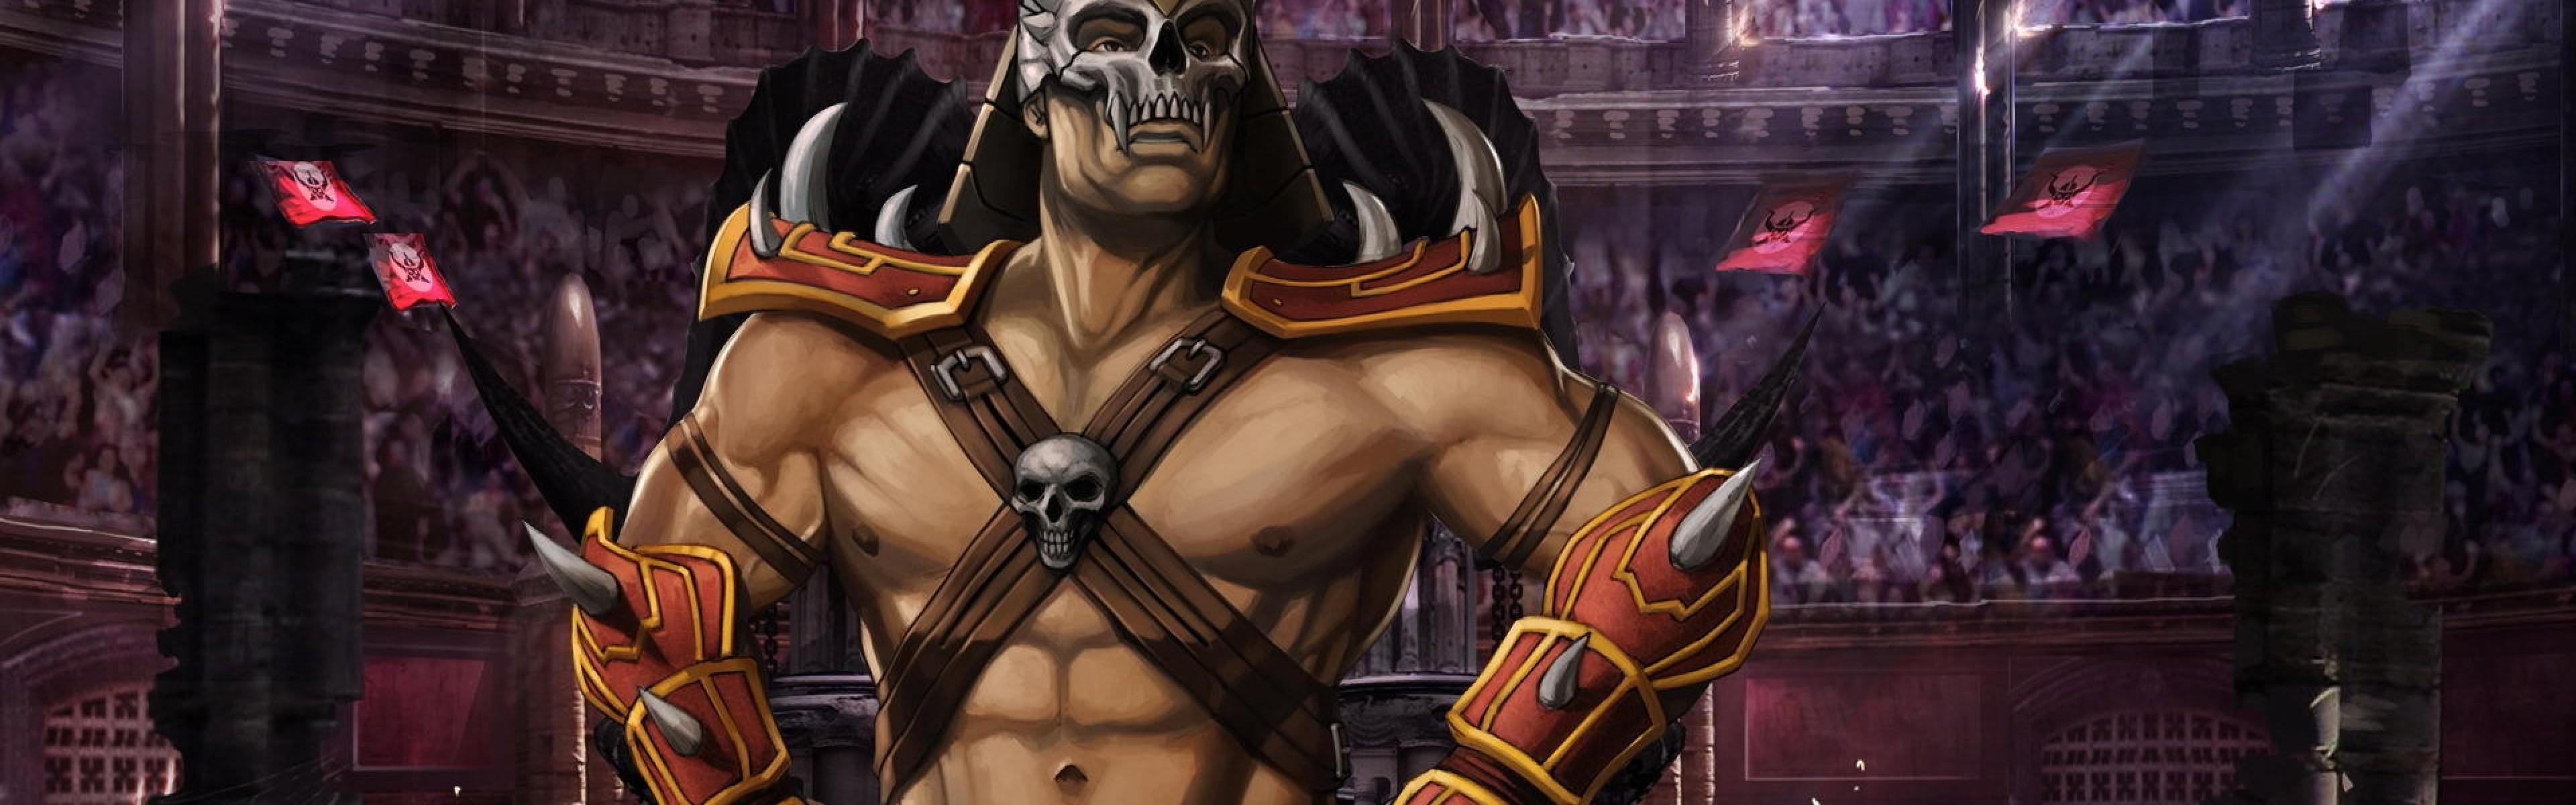 Mortal Kombat Shao Kahn Wallpaper ·① WallpaperTag